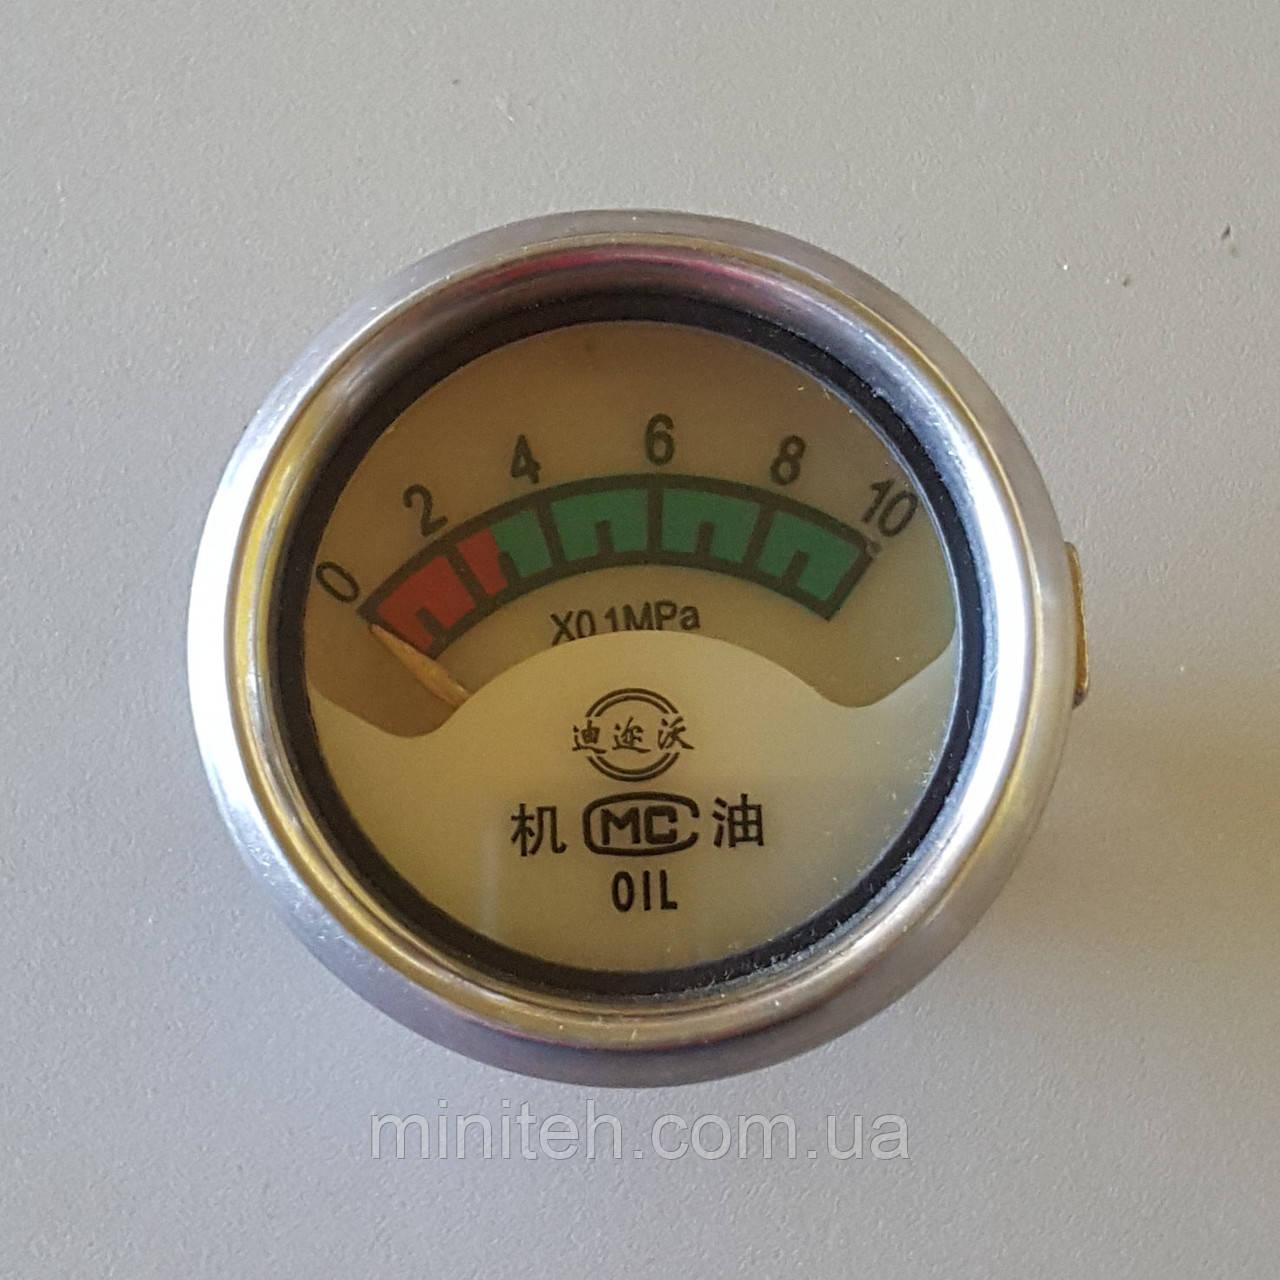 Покажчик тиску мастила механічний (ф - 60 мм)